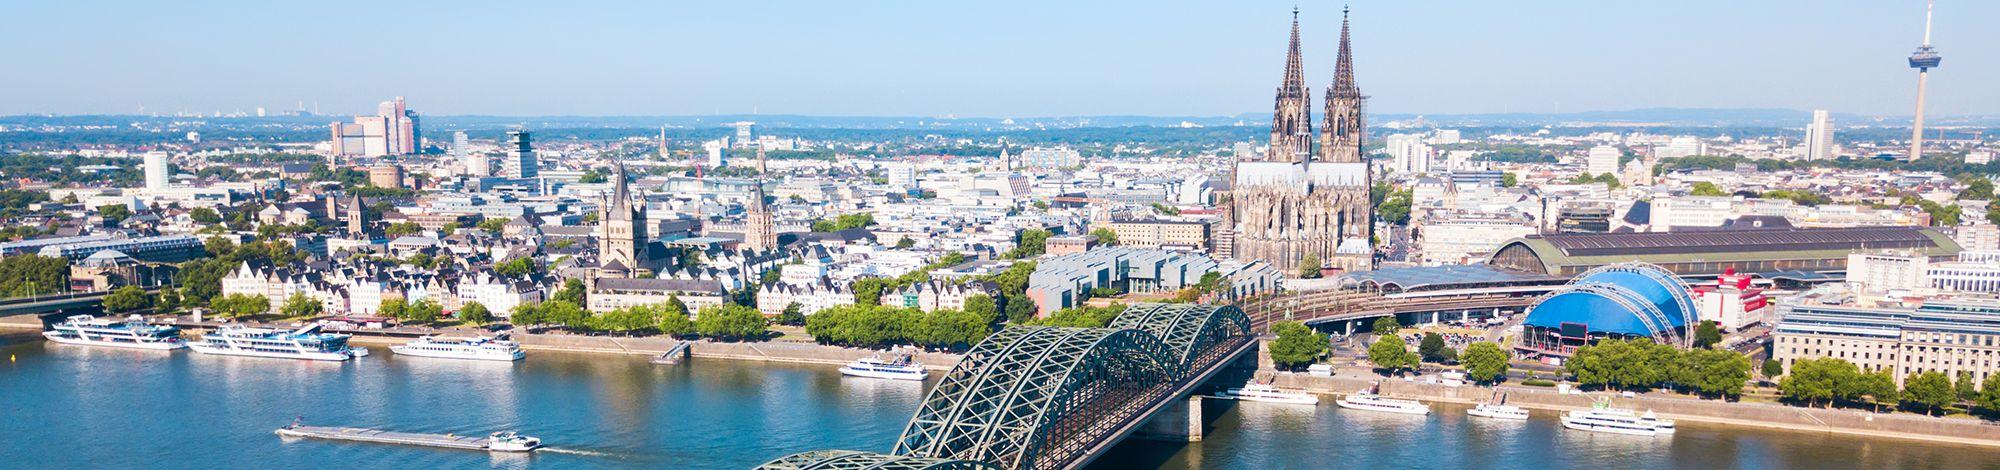 Bild von Köln/Bonn